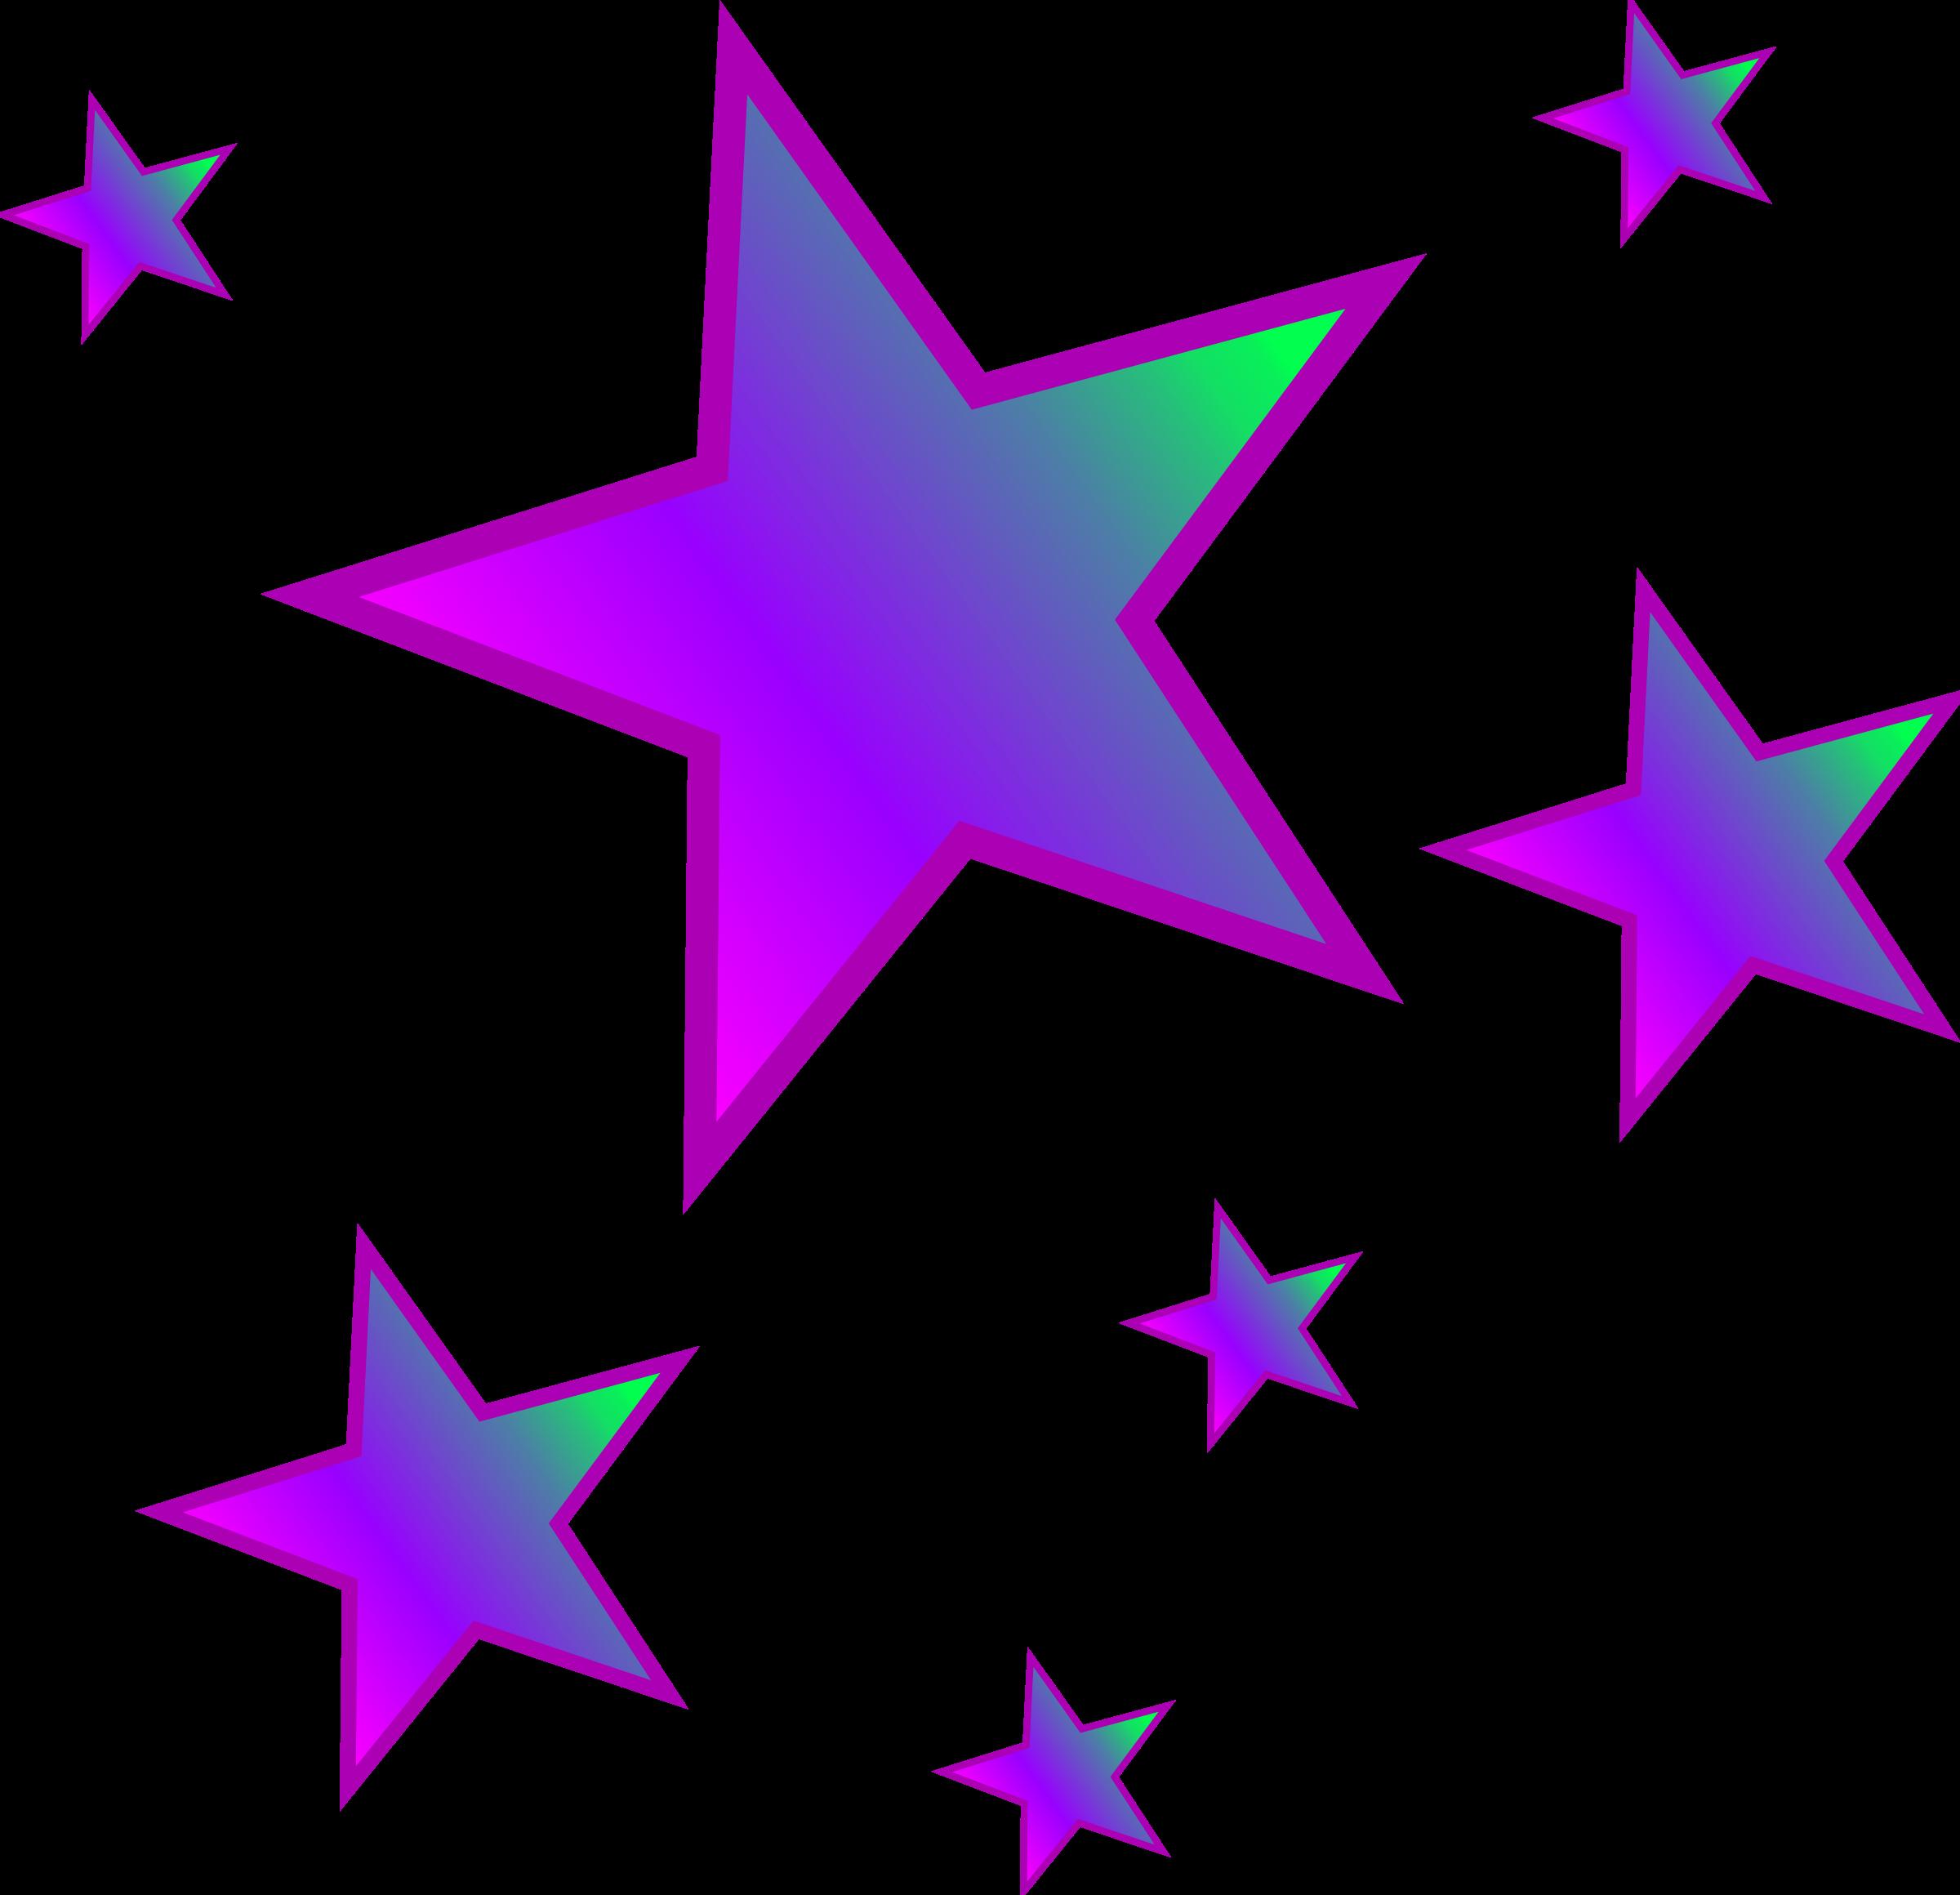 2400x2320 Shooting Star Clipart Cute Star